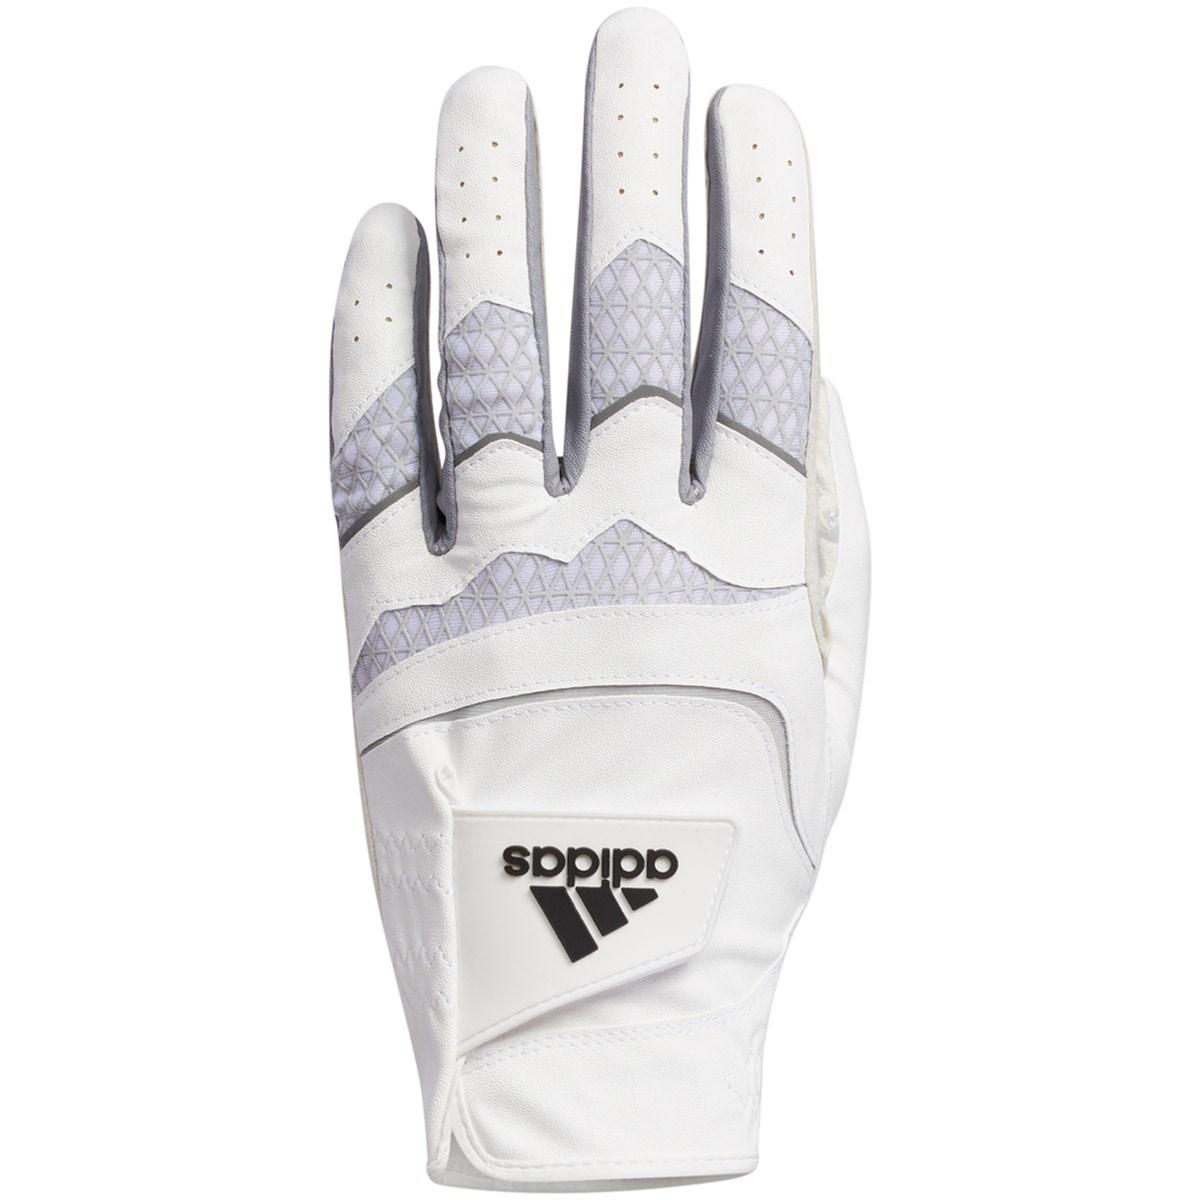 アディダス Adidas コードカオス グローブ 22cm 左手着用(右利き用) ホワイト/ハロ シルバー